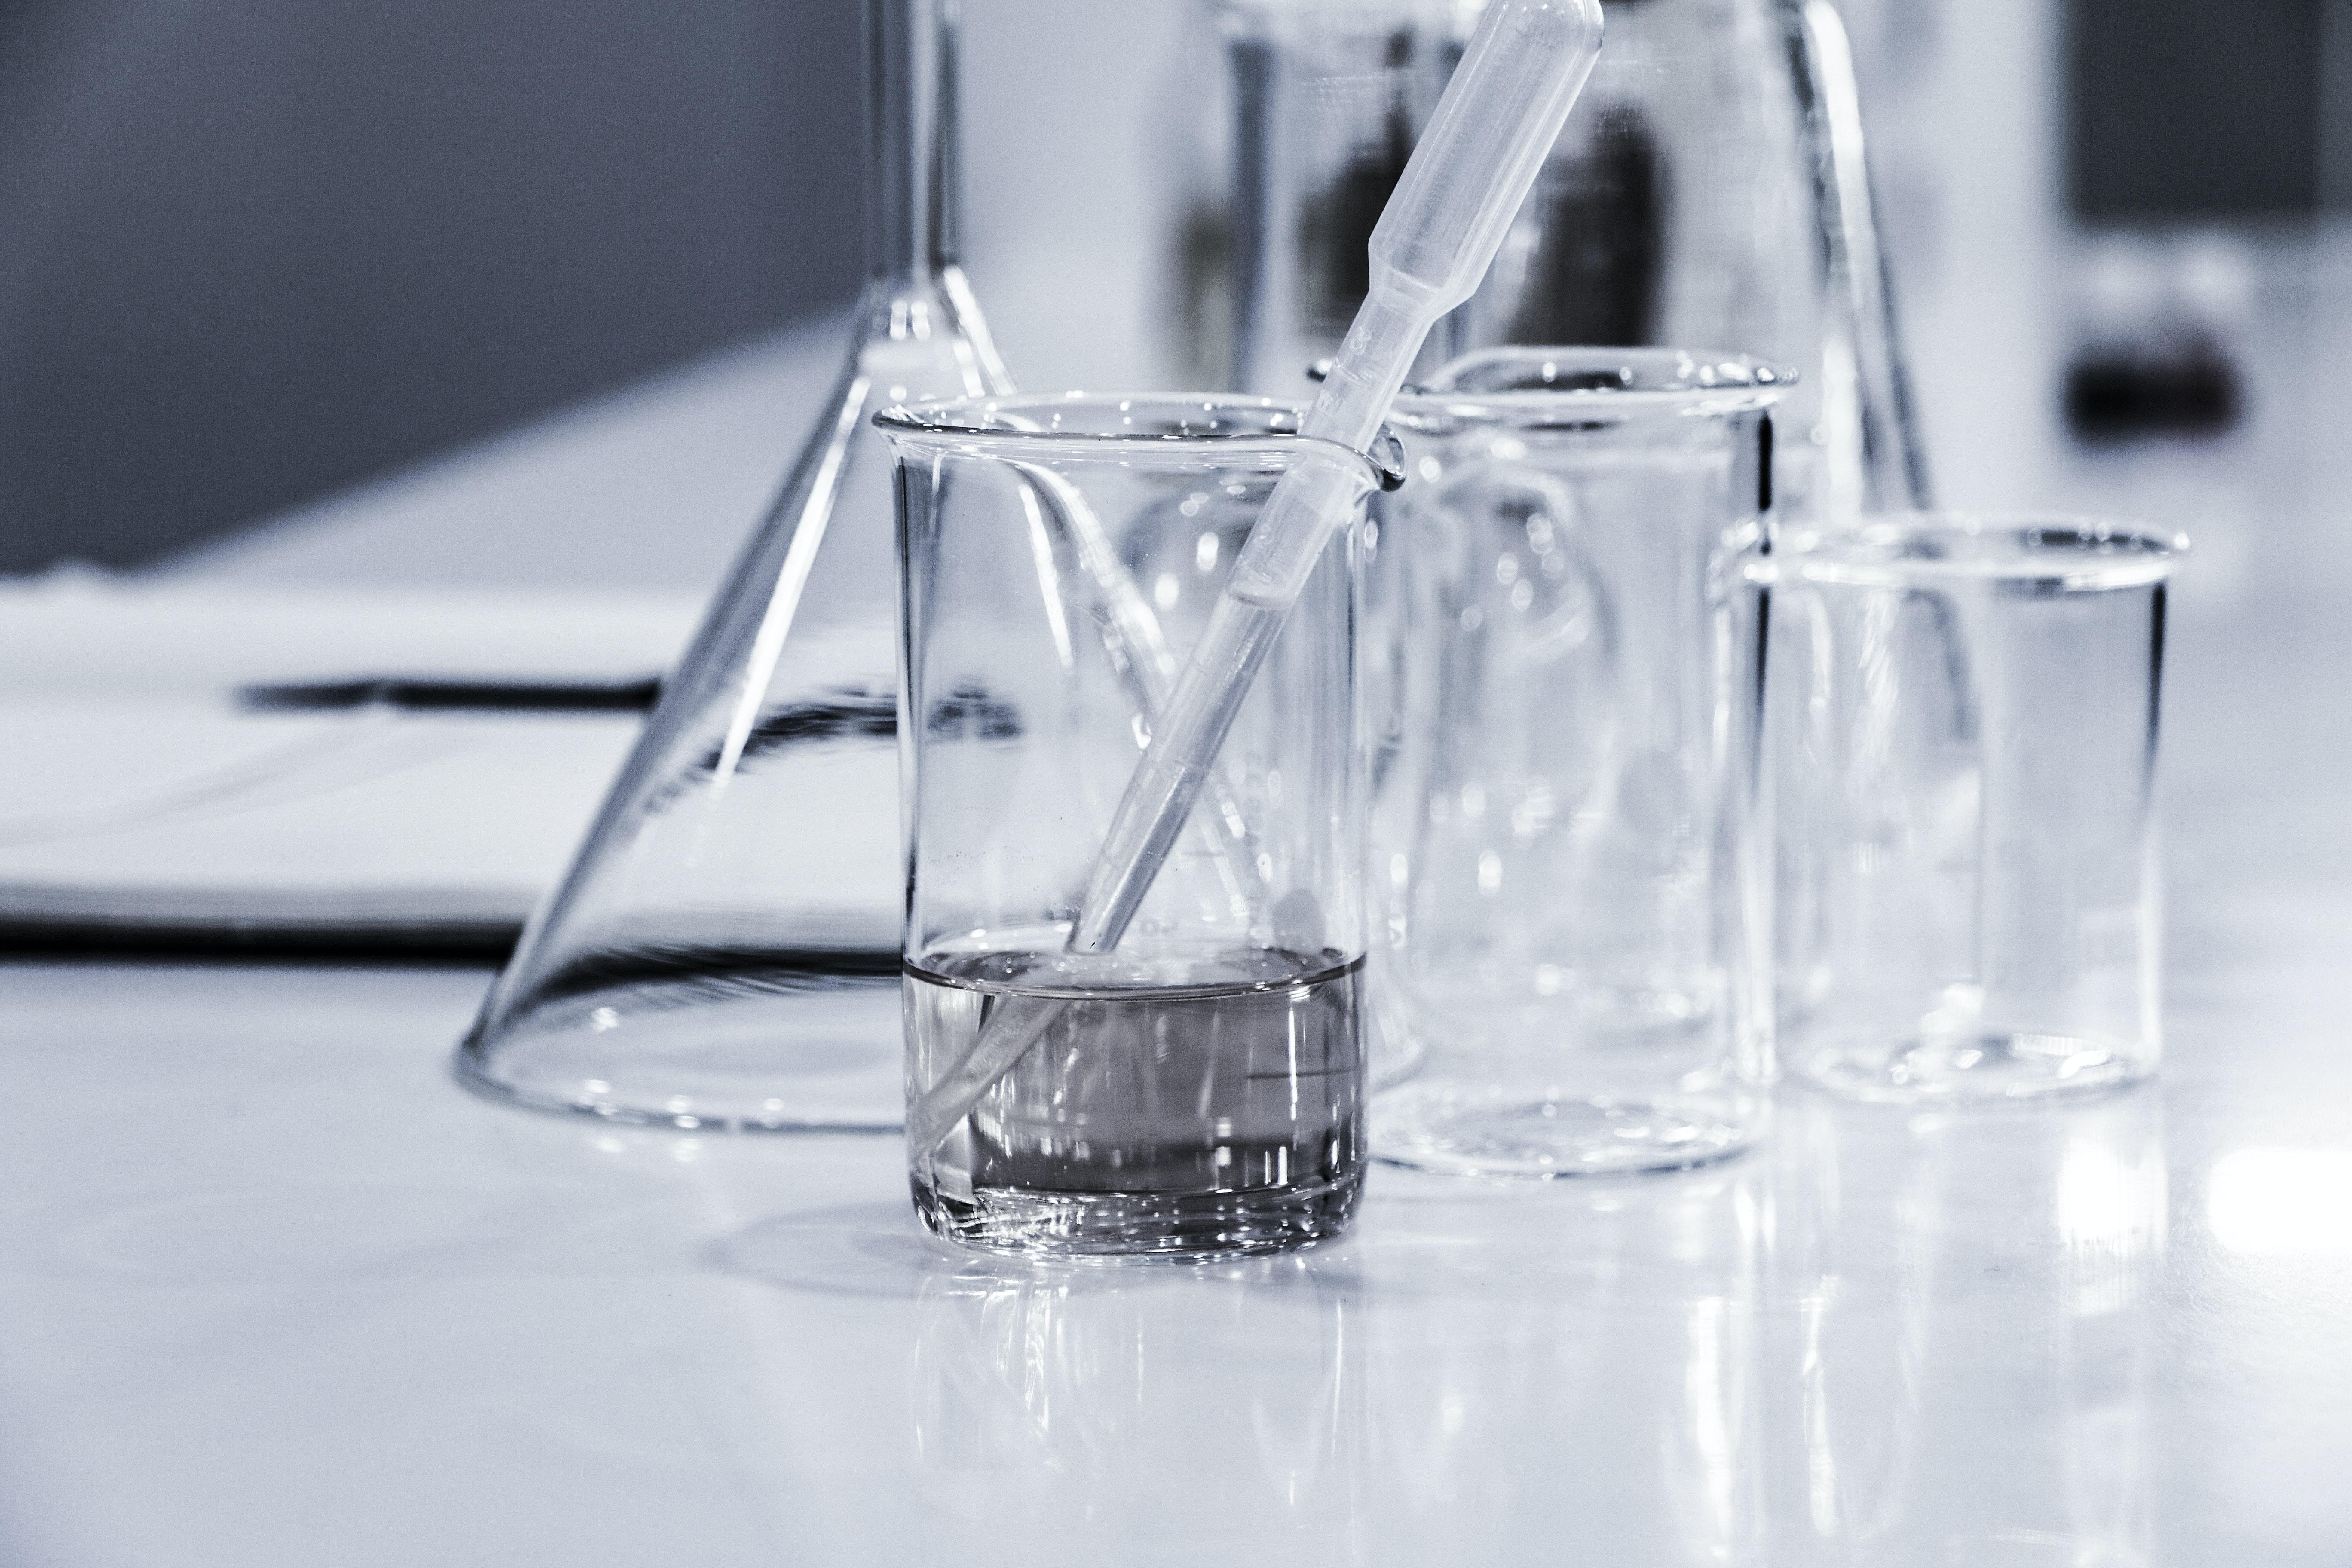 Test in laboratorio con l'ozono